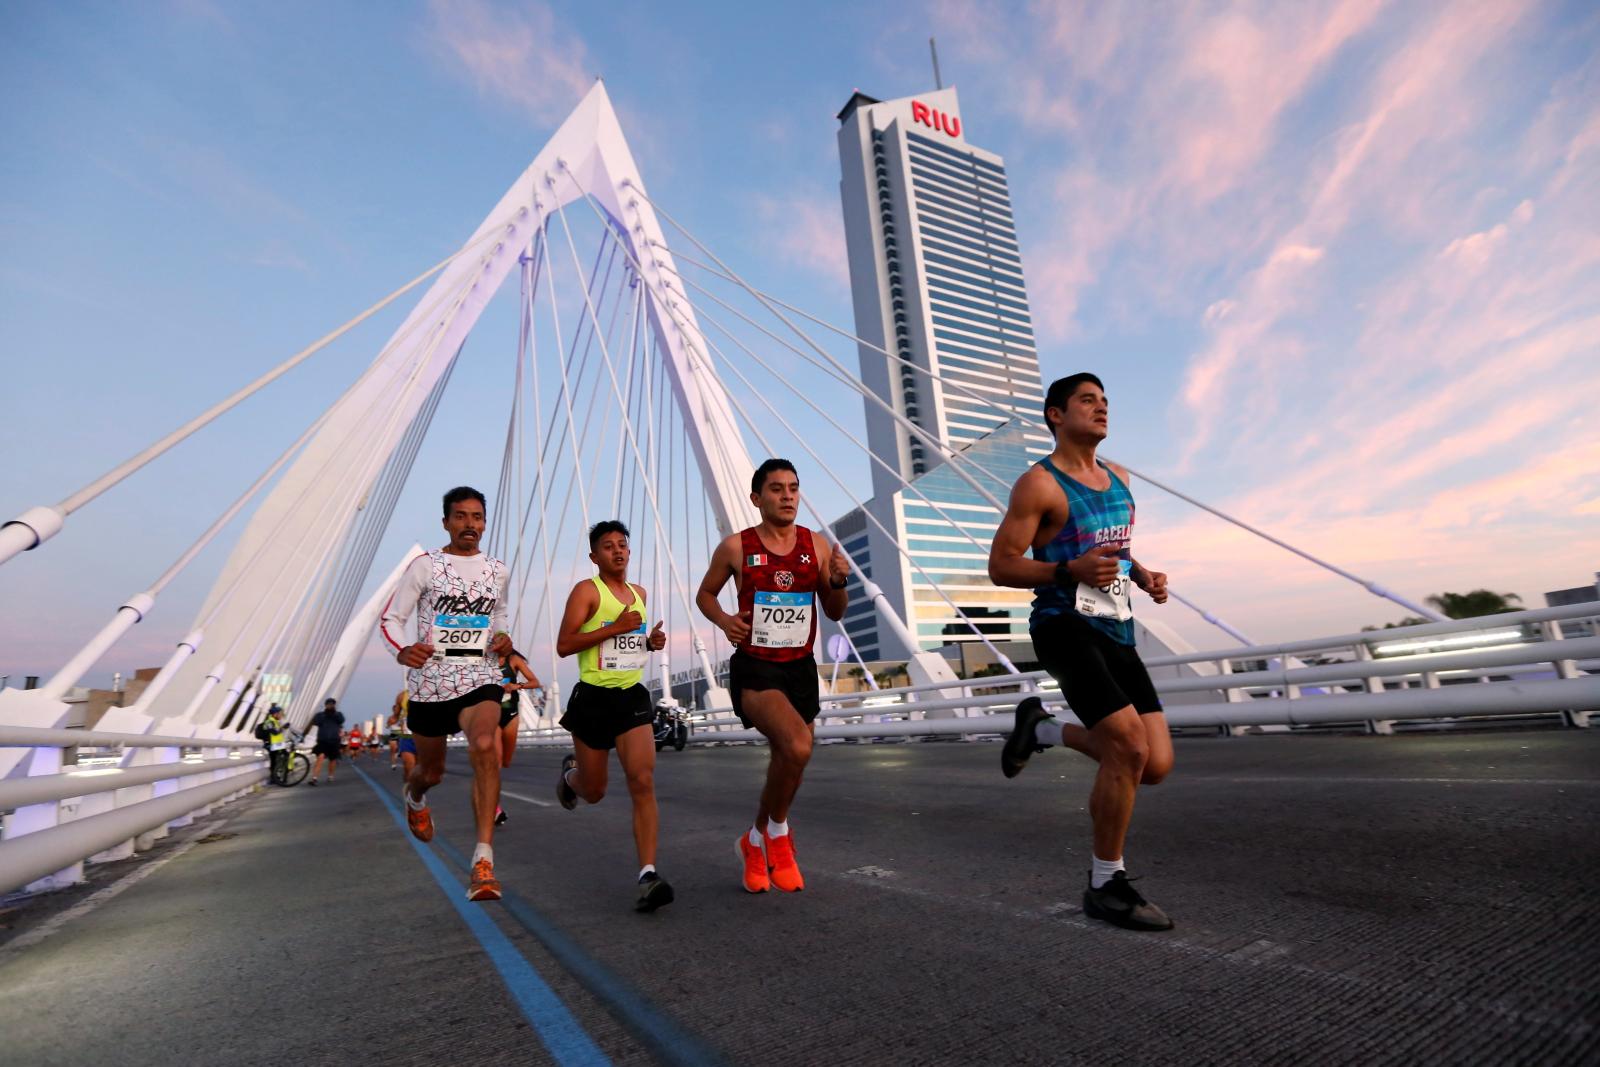 Pół-maraton na ulicach Meksyku. Fot. EPA/Francisco Guasco